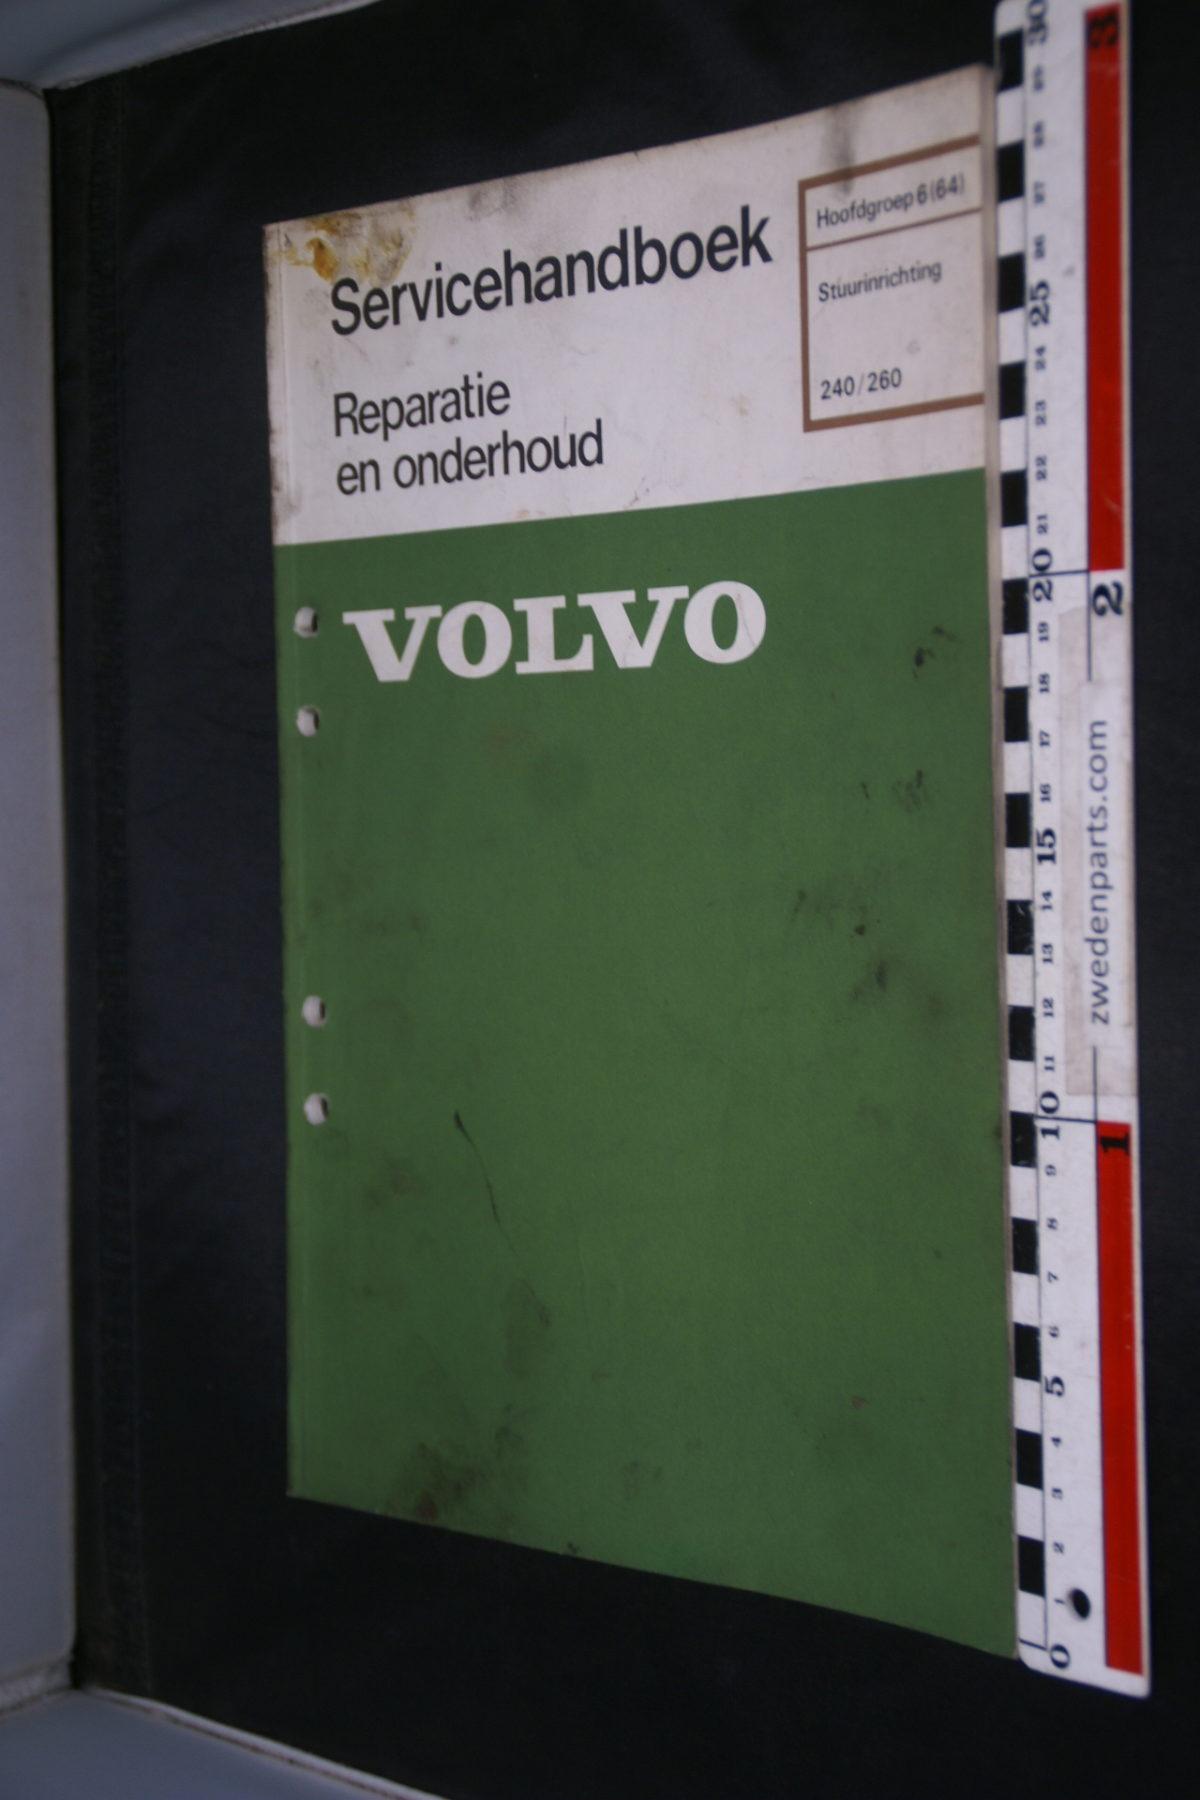 DSC08628 1979 origineel Volvo 240, 260 servicehandboek  6 (64) stuurinrichting 1 van 800 TP 30030-1